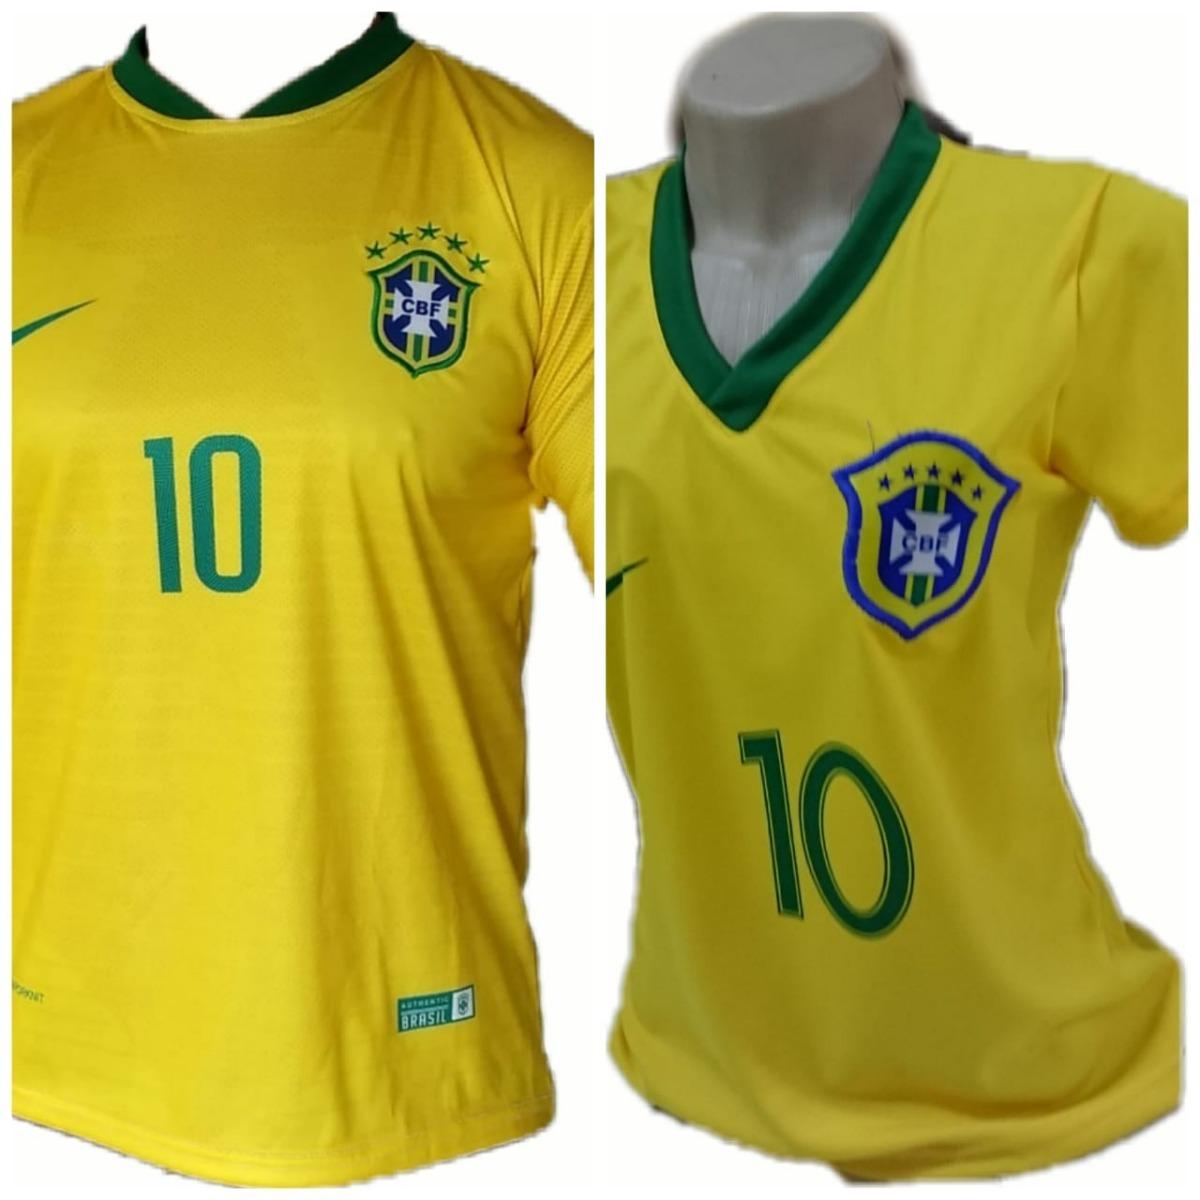 camisa futebol copa do mundo brasil azul e amarela e seleçõe. Carregando  zoom. 8533211b27a96